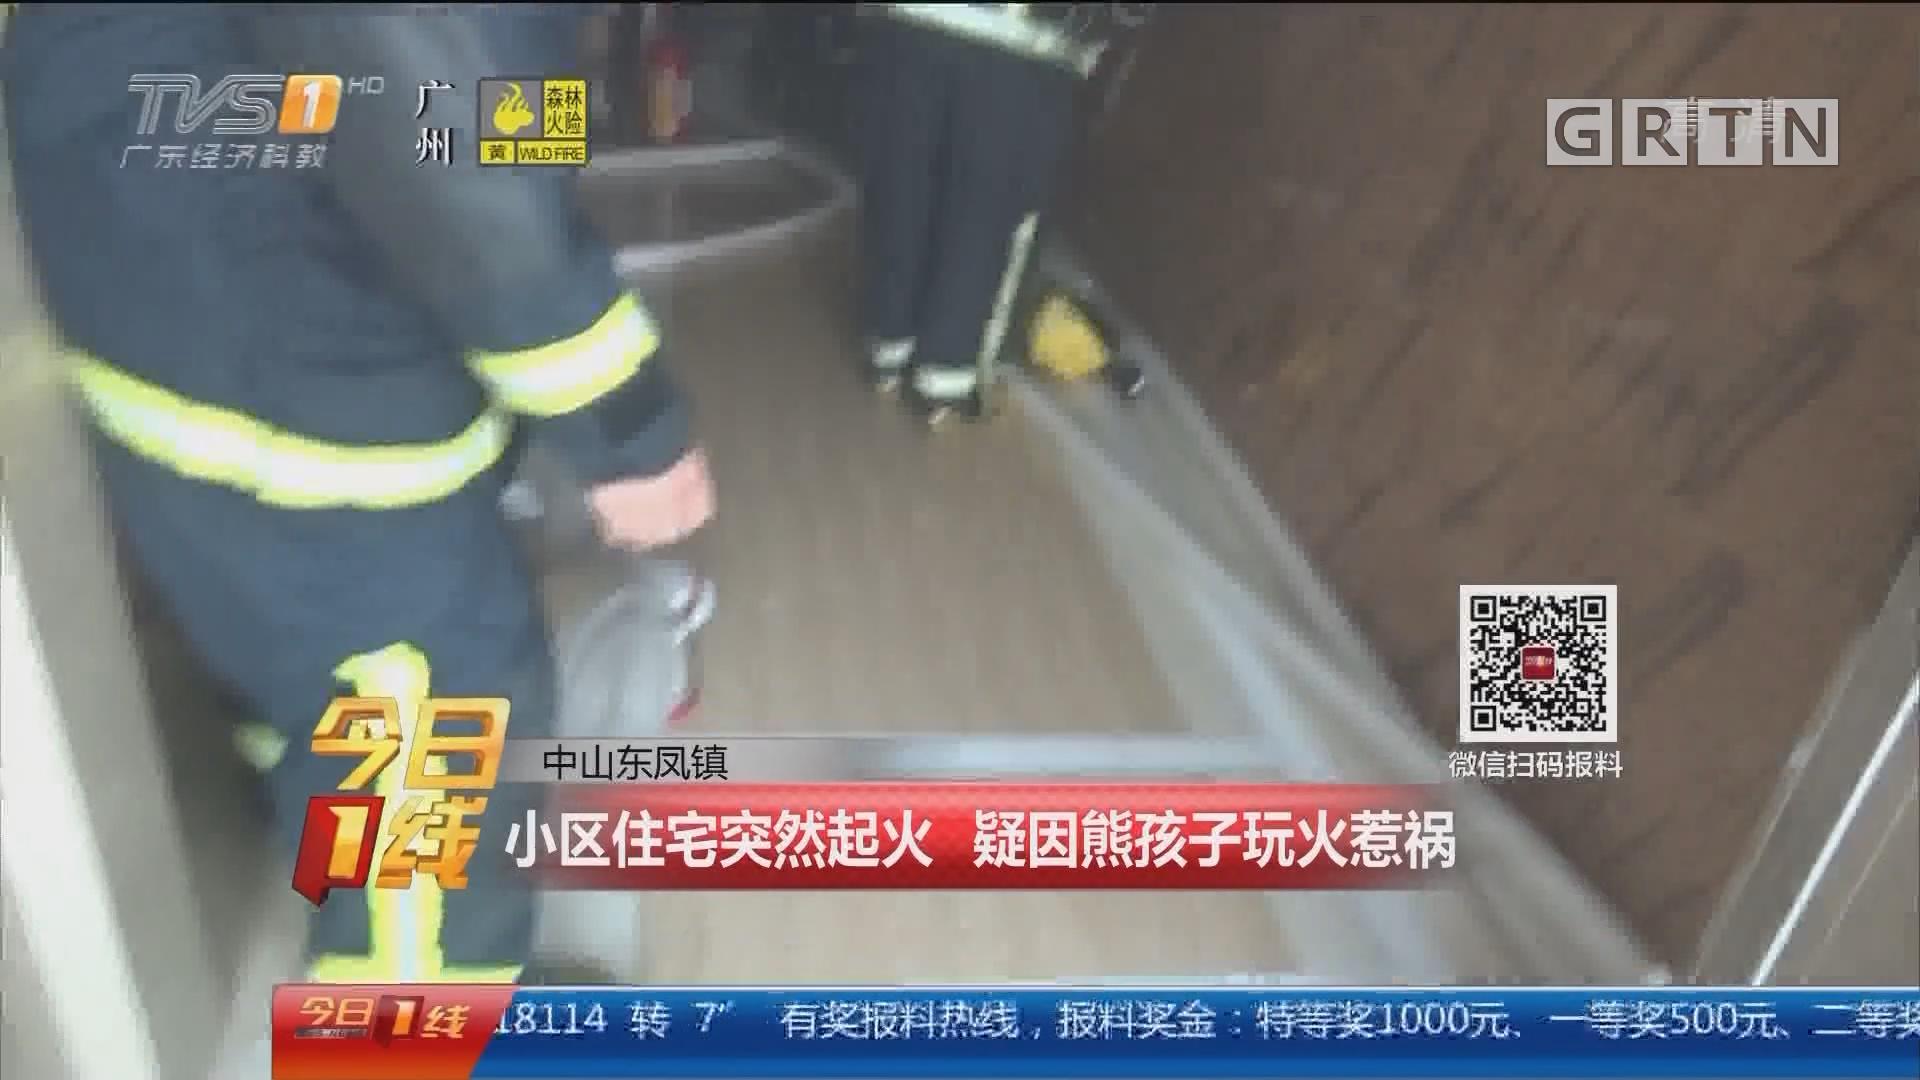 中山东凤镇:小区住宅突然起火 疑因熊孩子玩火惹祸